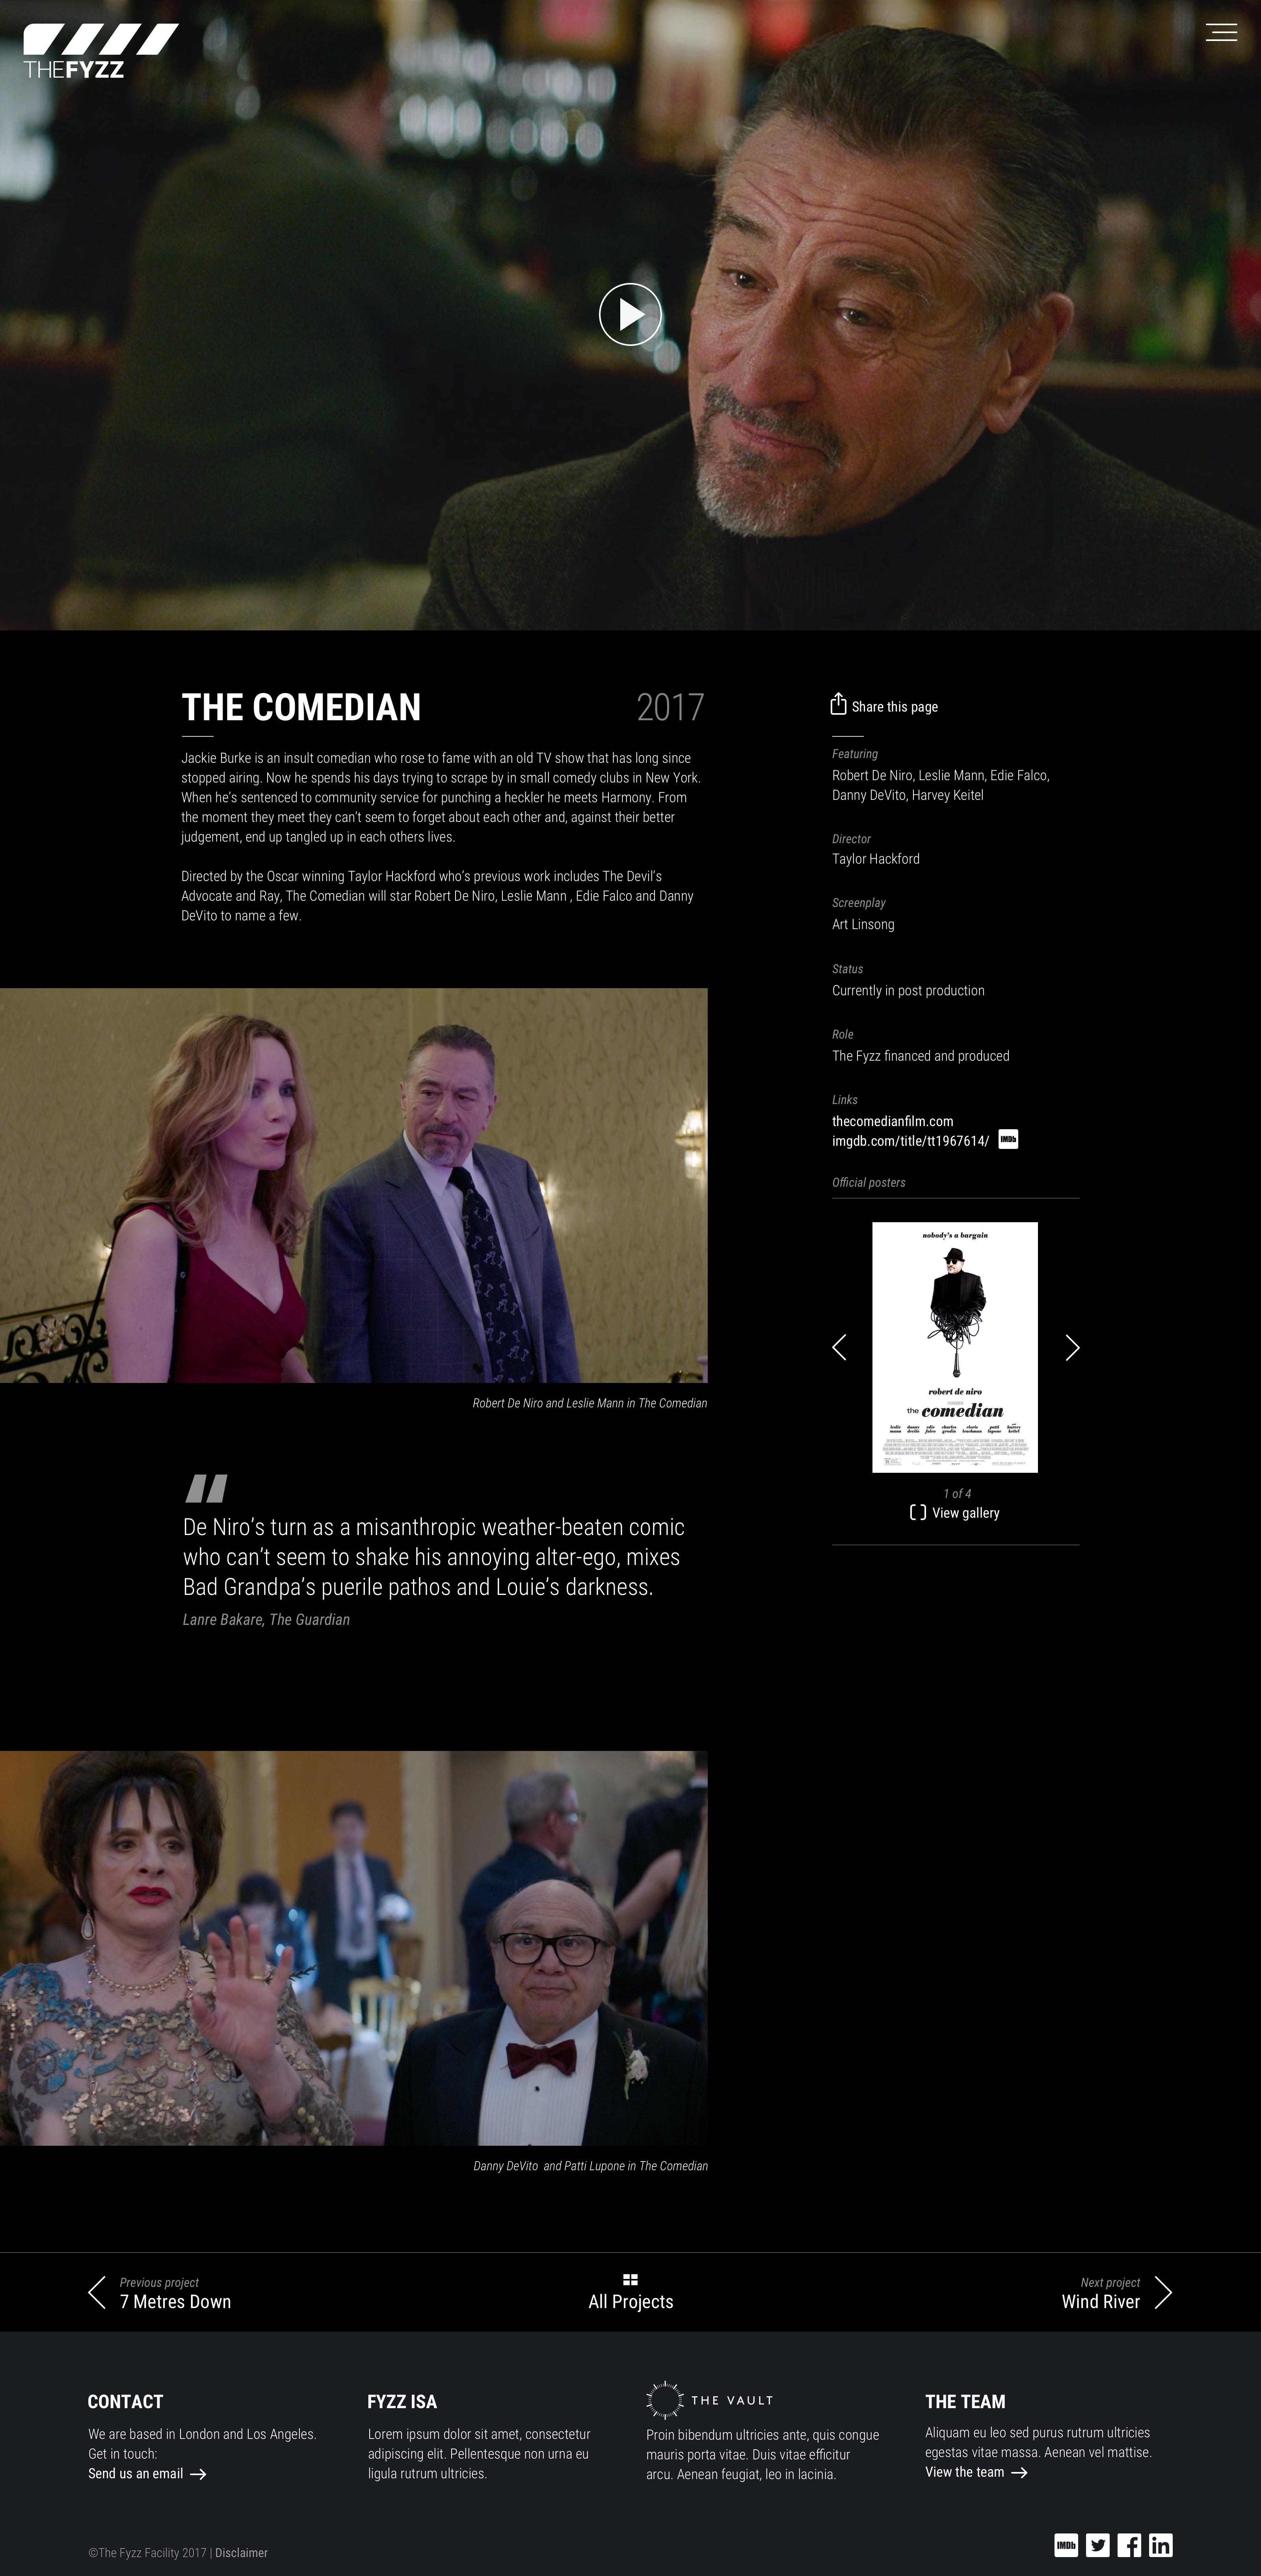 The Fyzz website